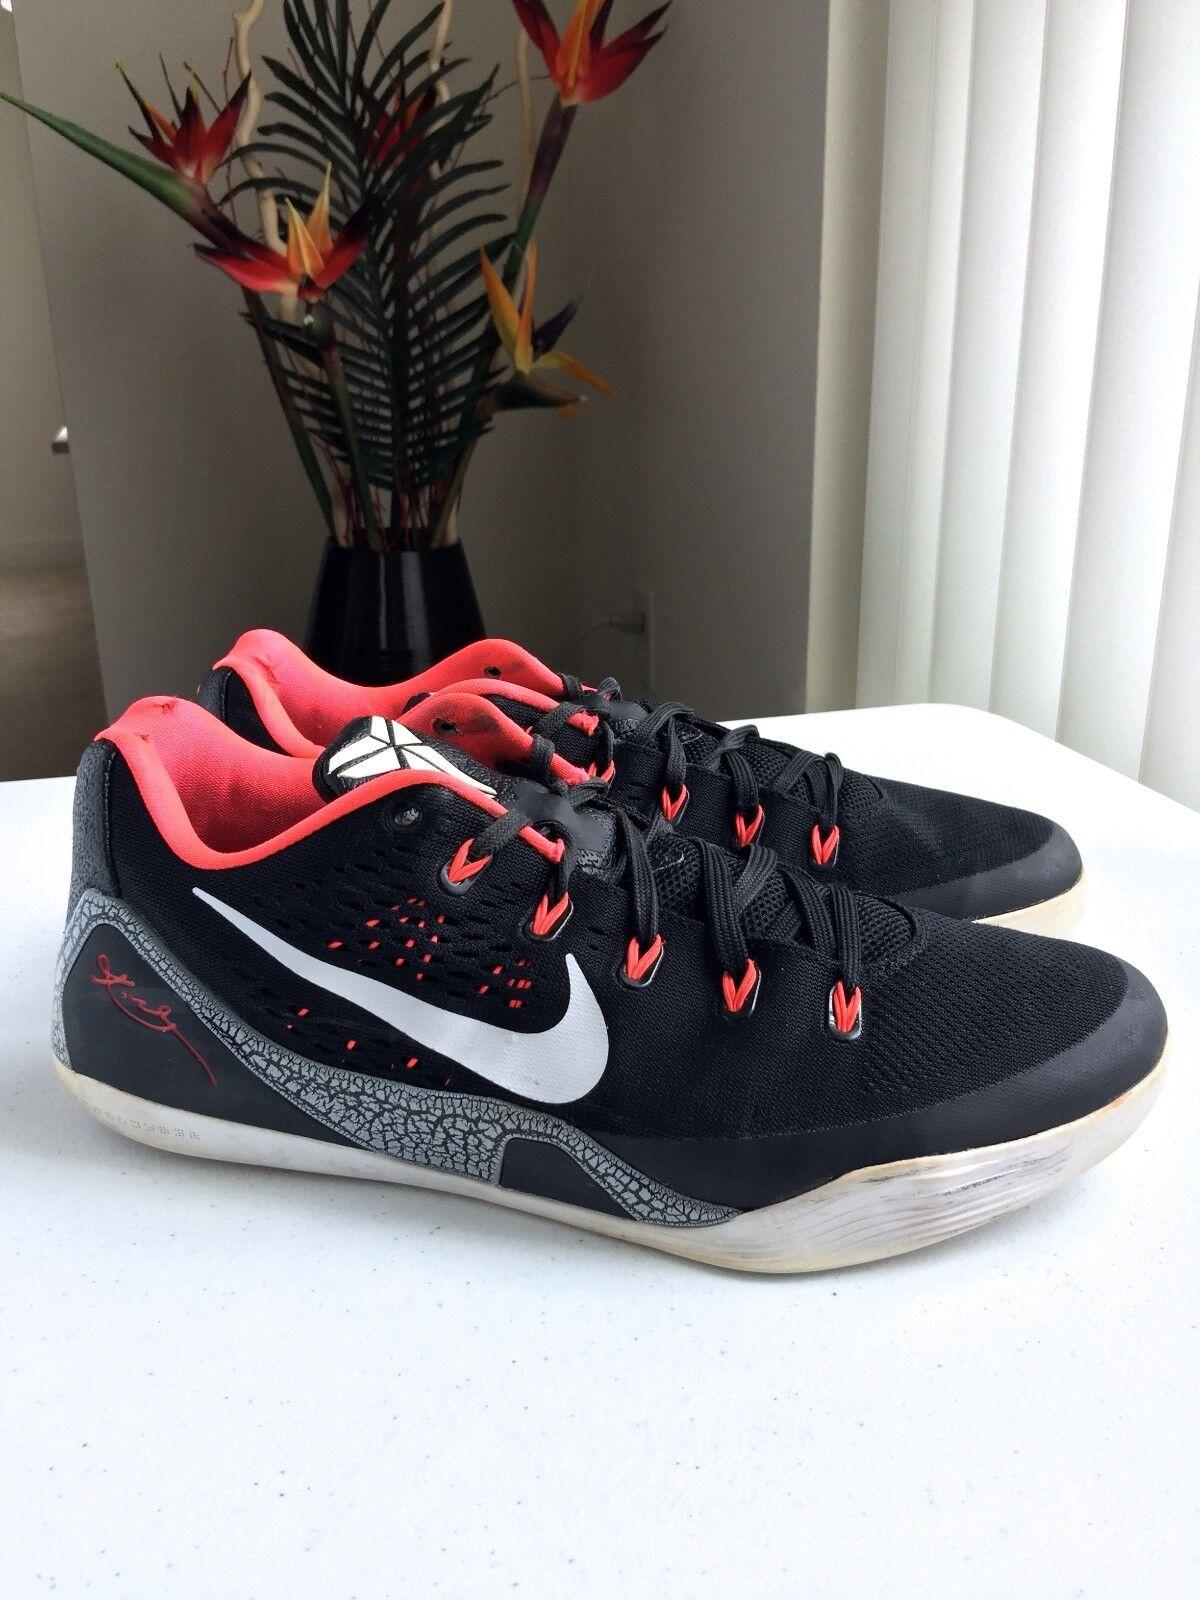 info for 68556 e5c56 Nike Kobe IX IX IX 9 EM Black Laser Crimson White Sz 11.5 US c70742